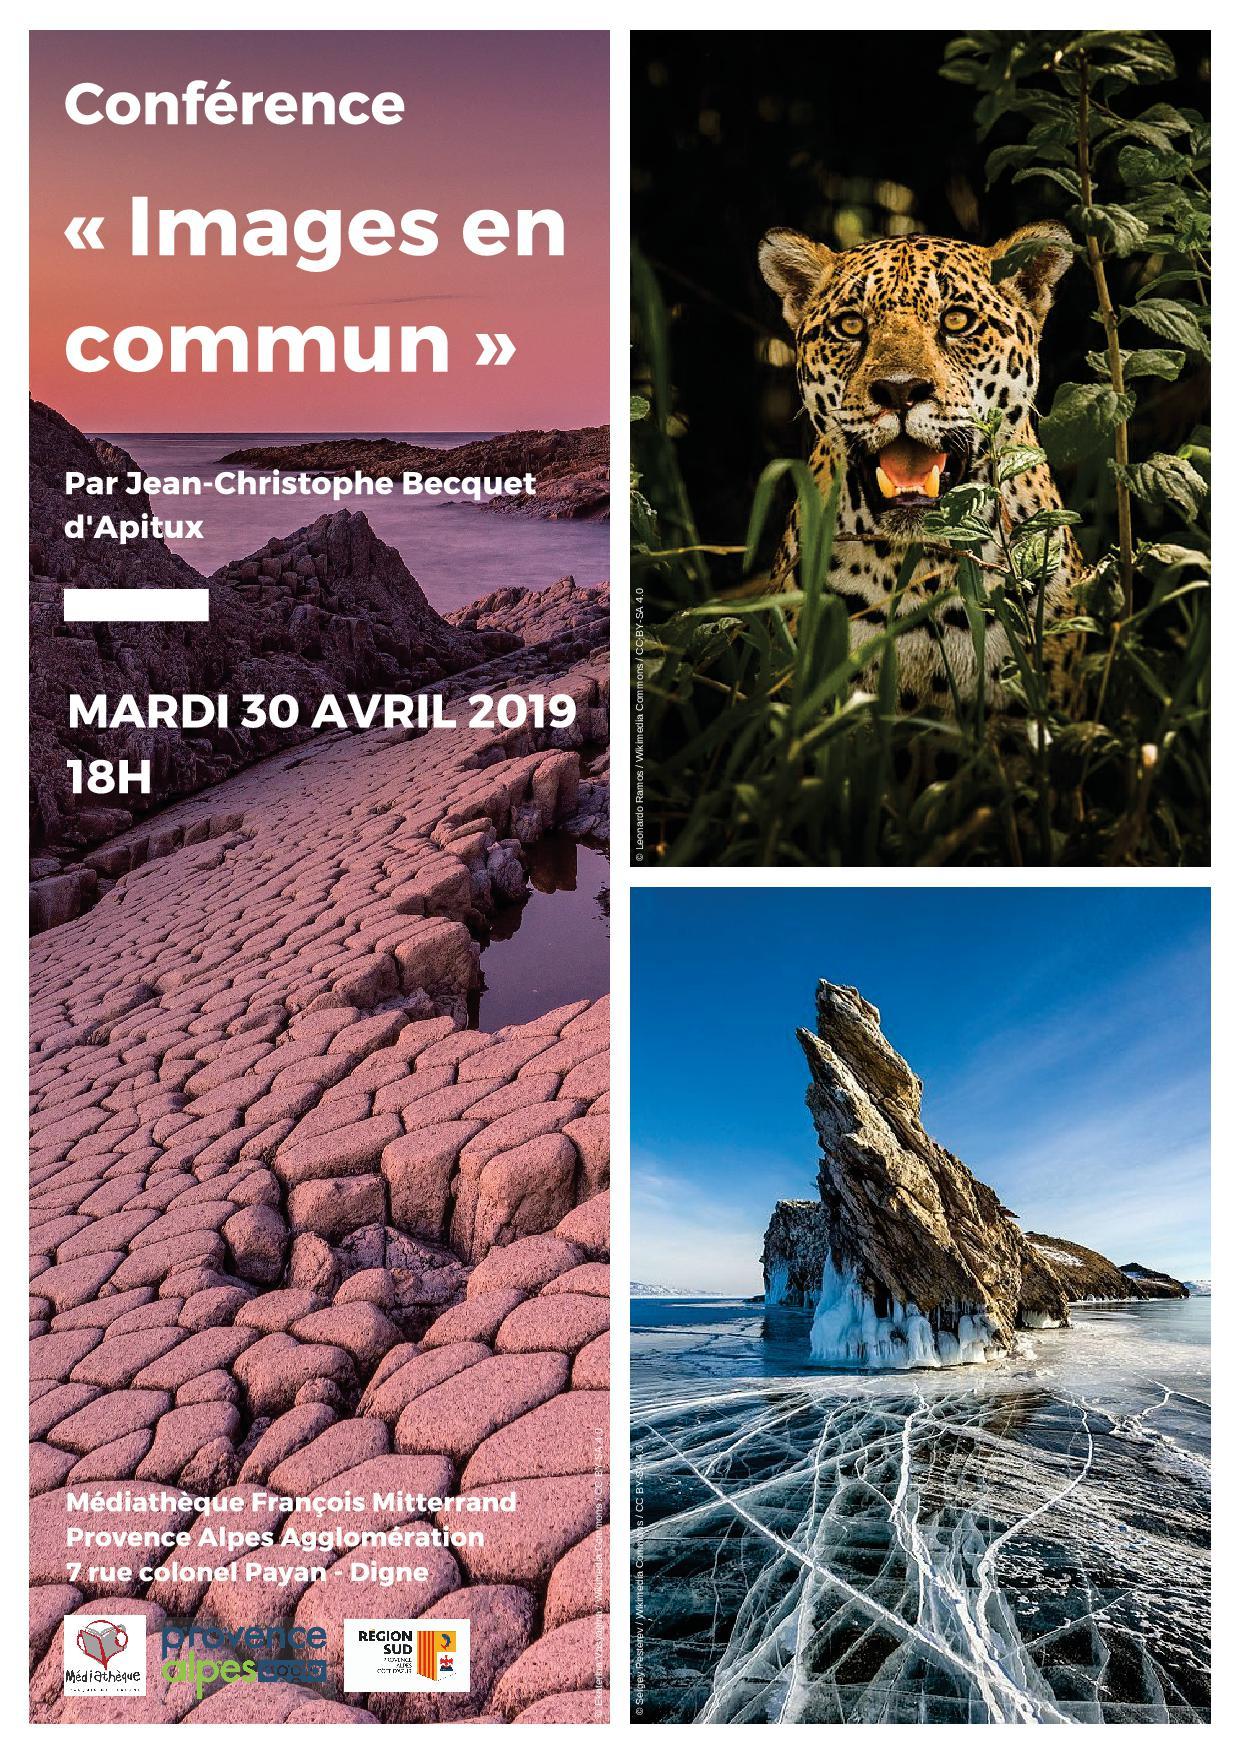 Digne les Bains Conférence Images en commun